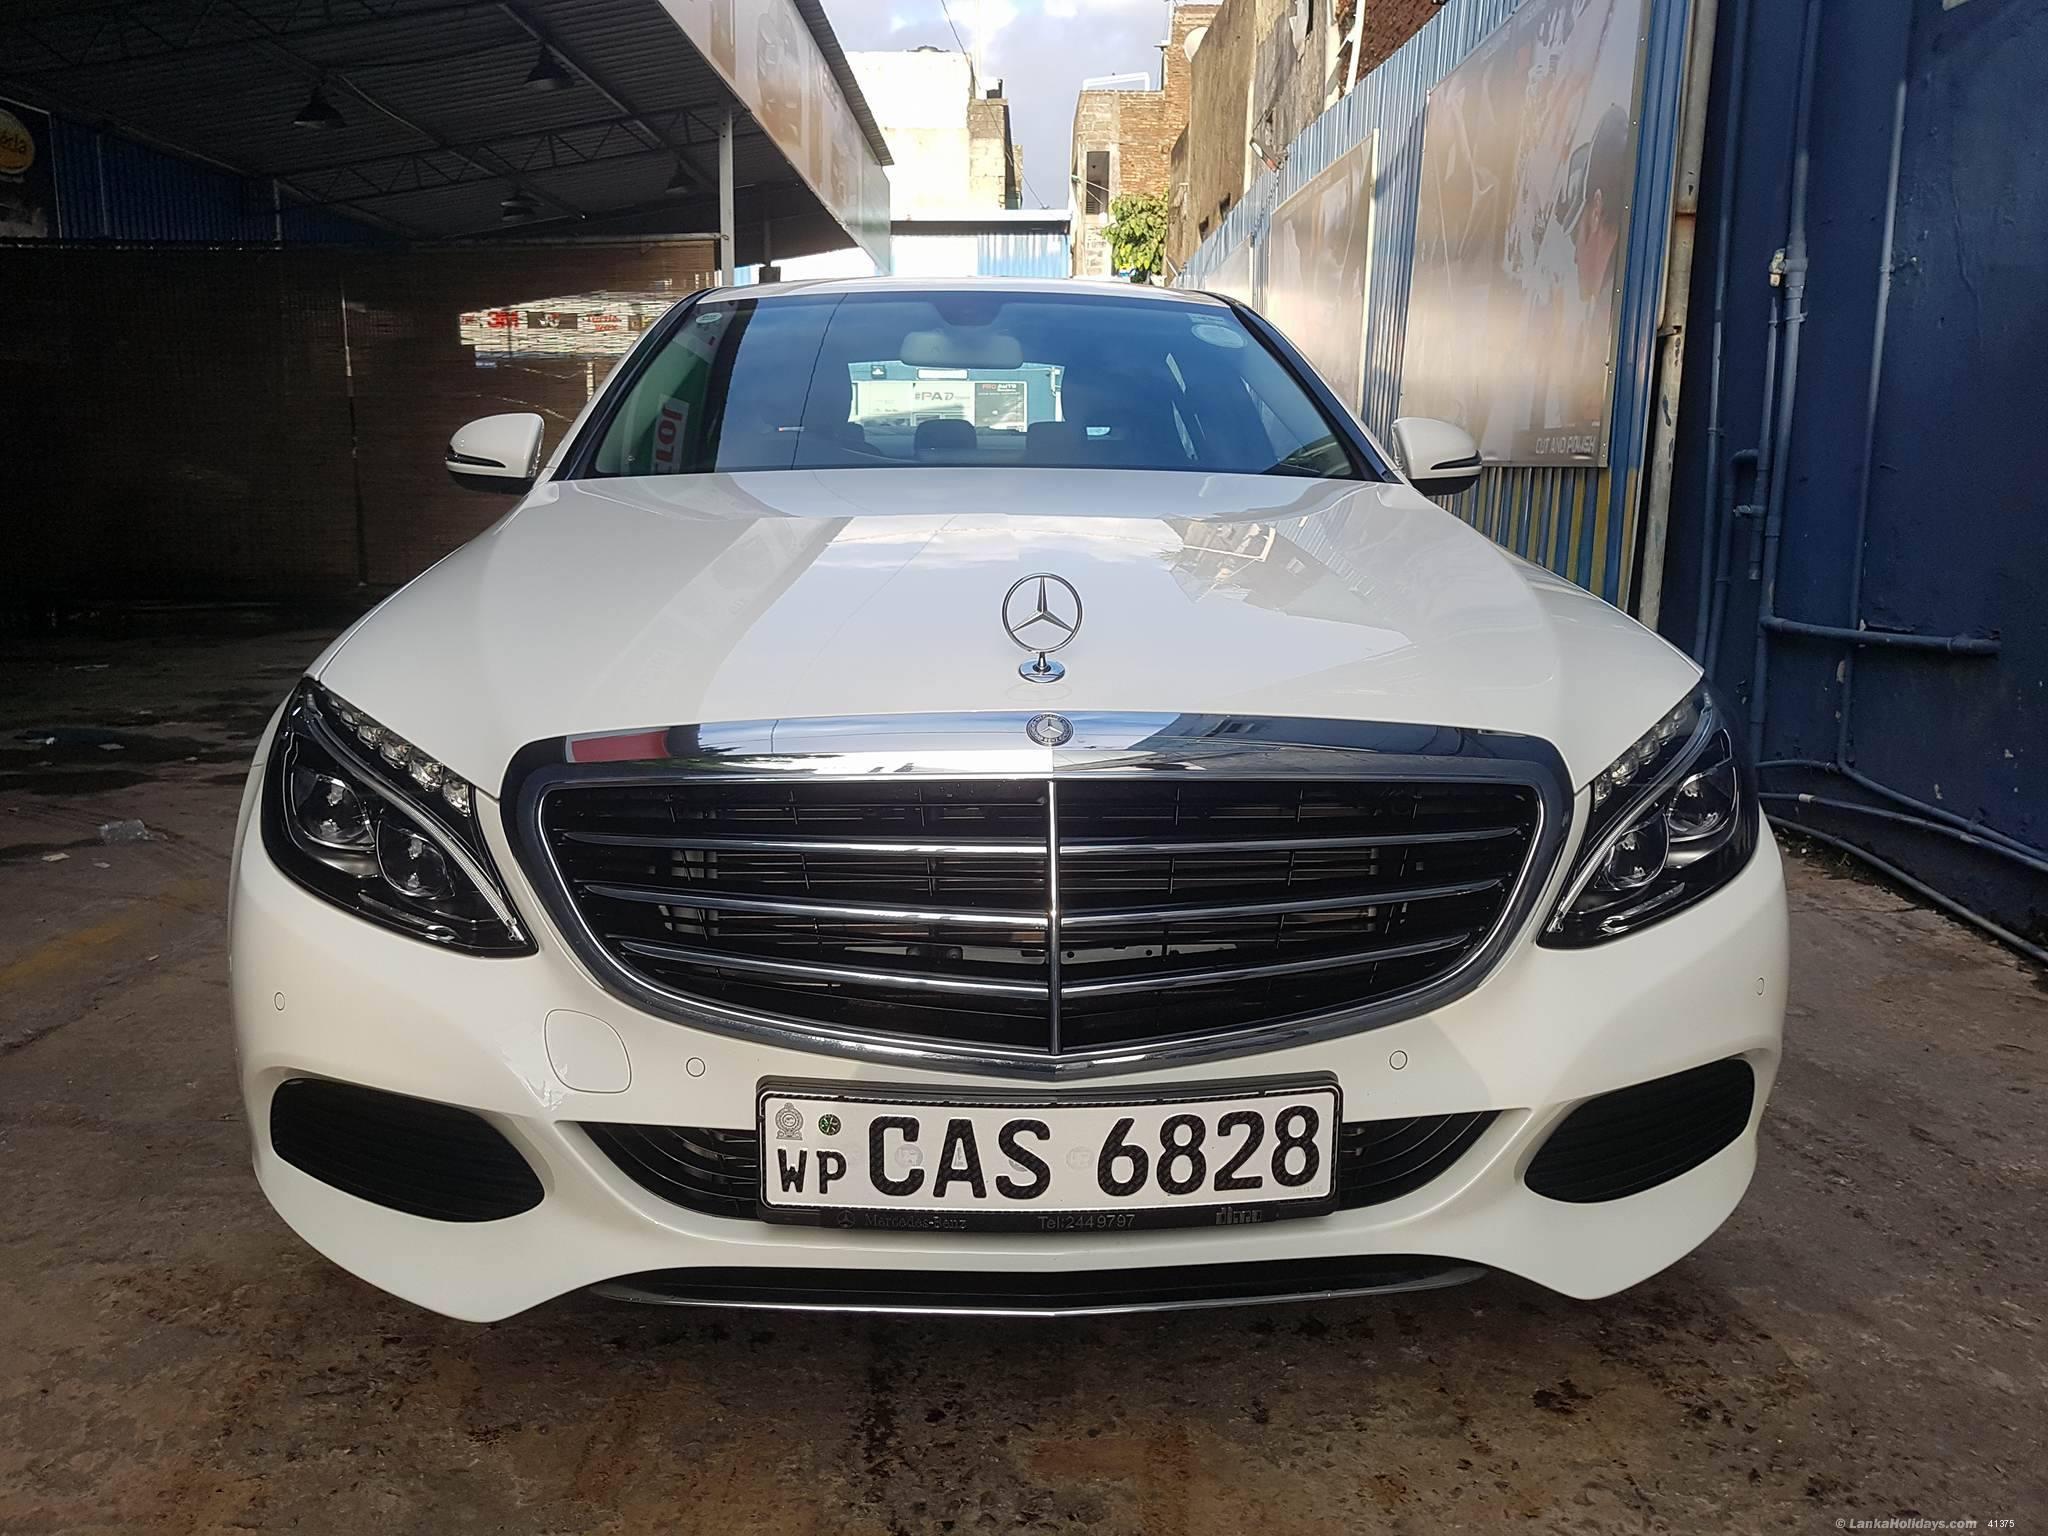 Sri lanka car rentals hire mercedes benz c180 for rent for Mercedes benz for rent